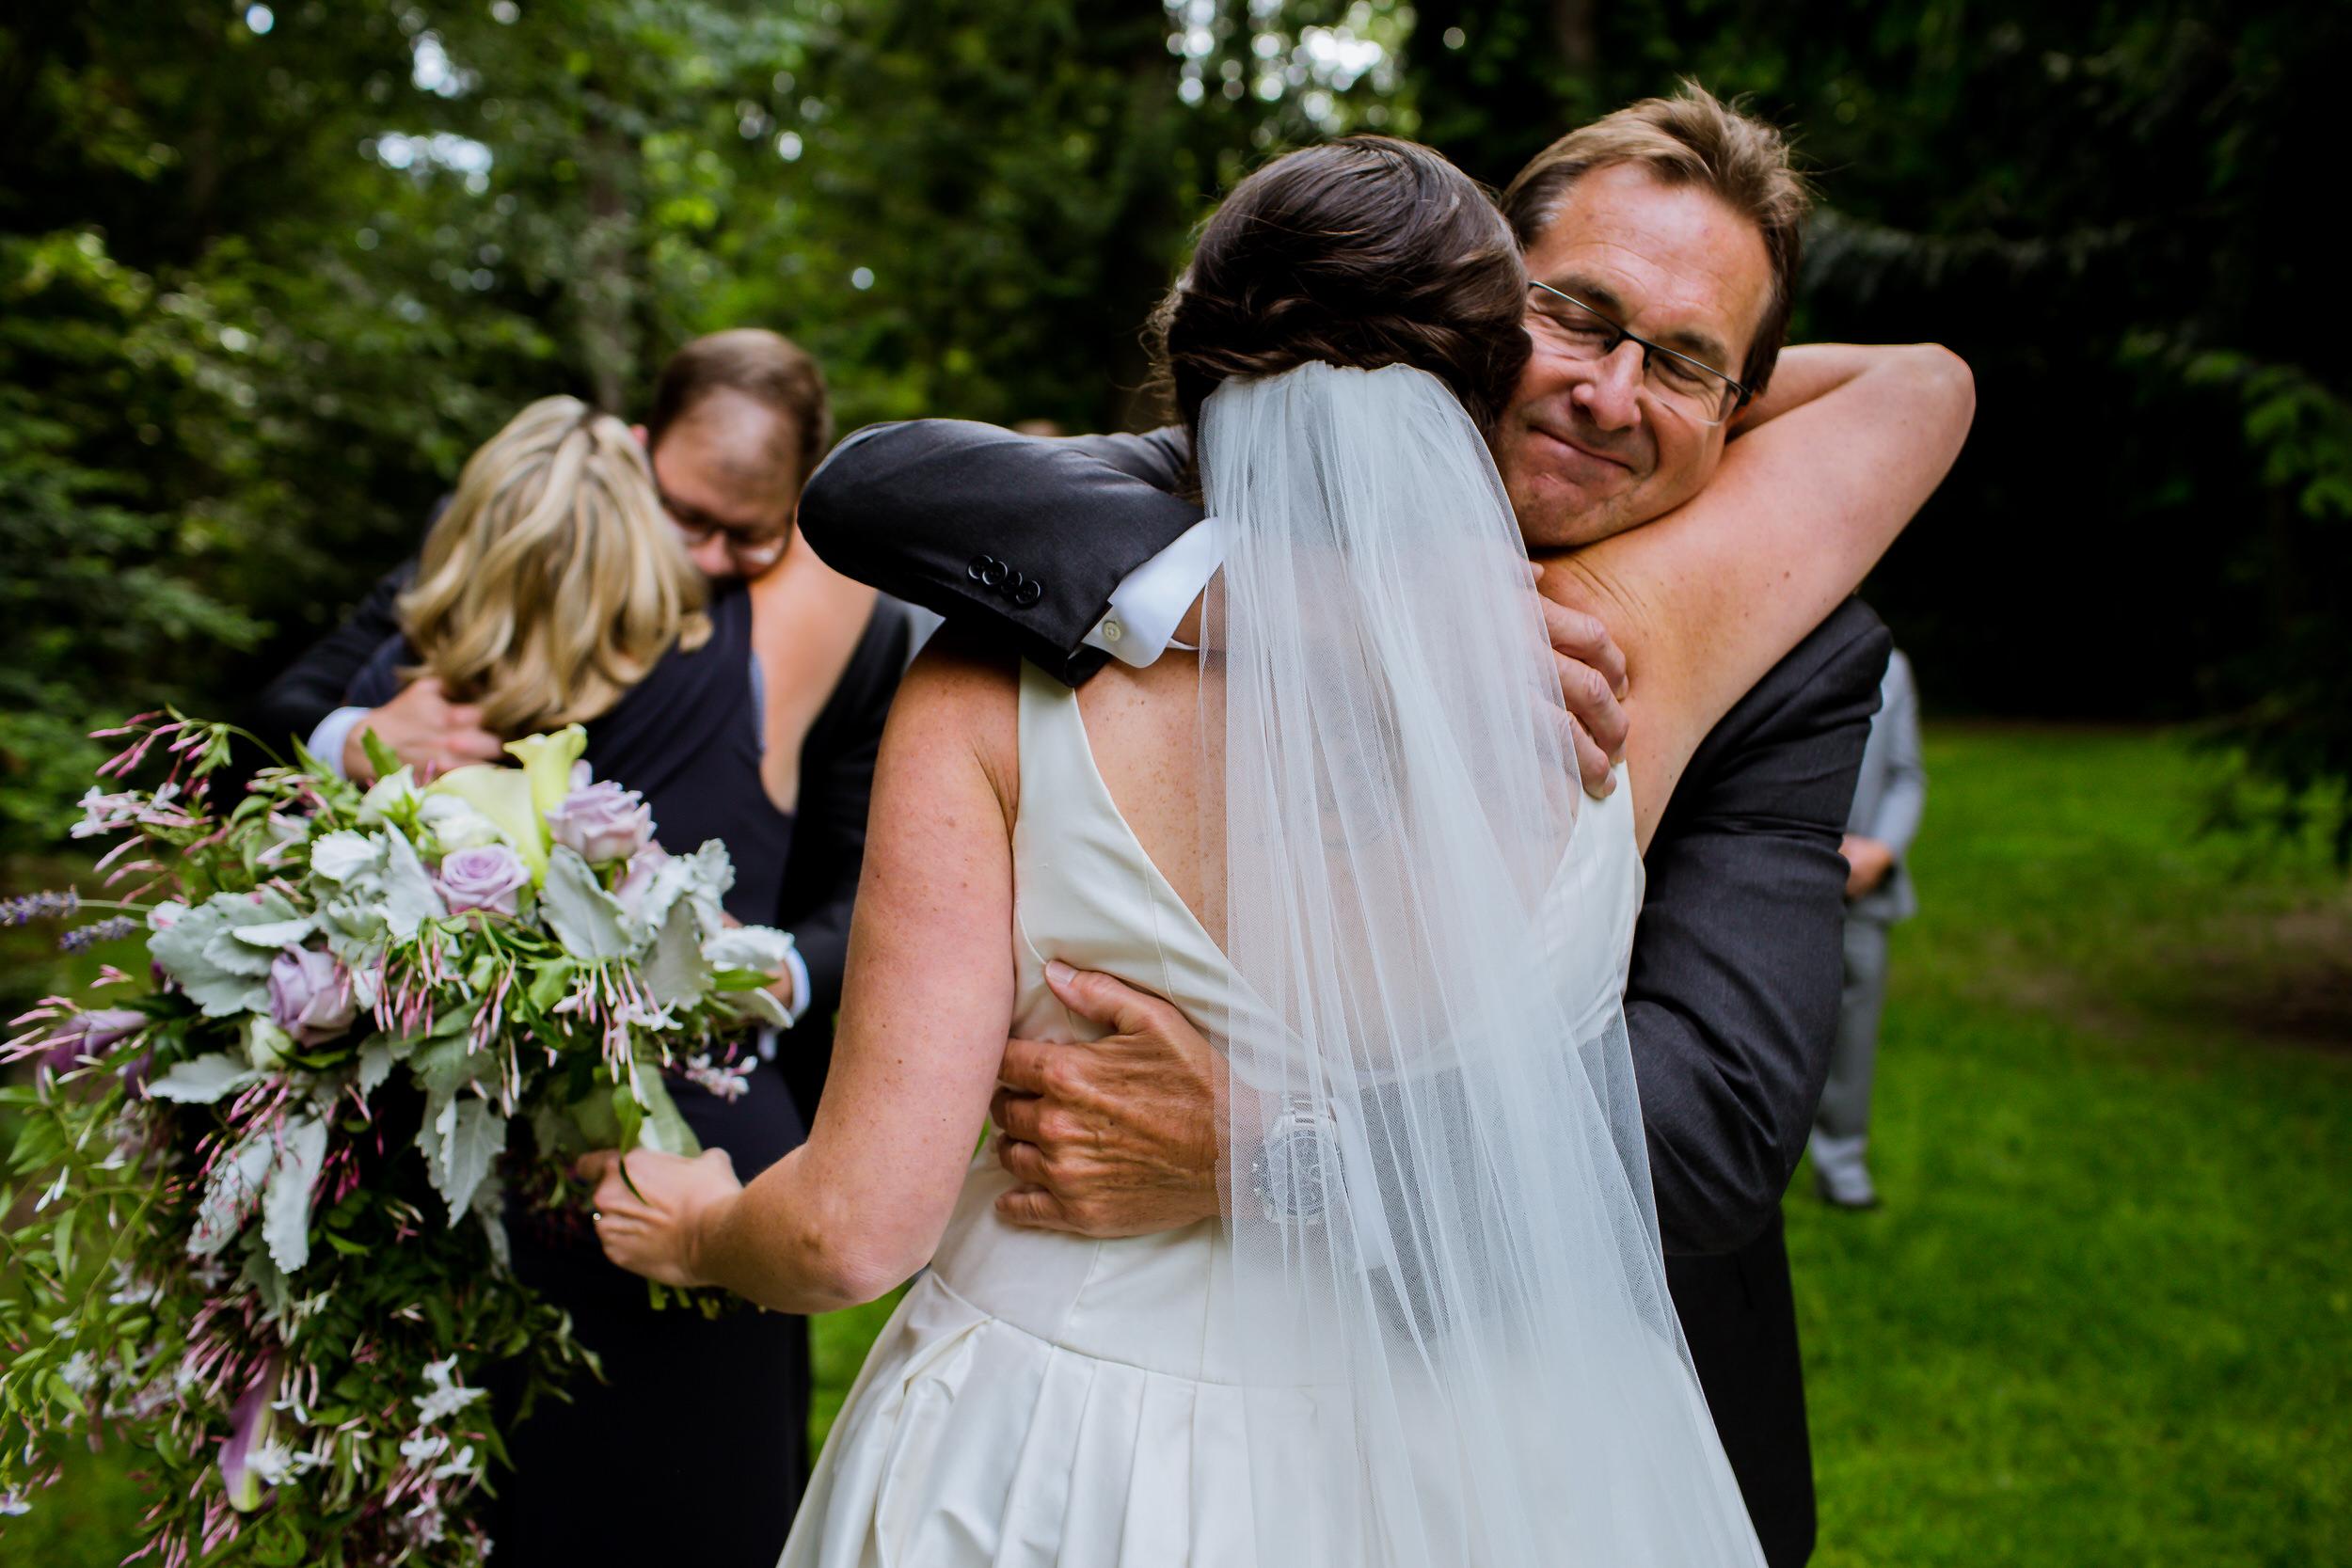 Islandwood_Retreat_Bambridge_Island_Washington_Wedding_020